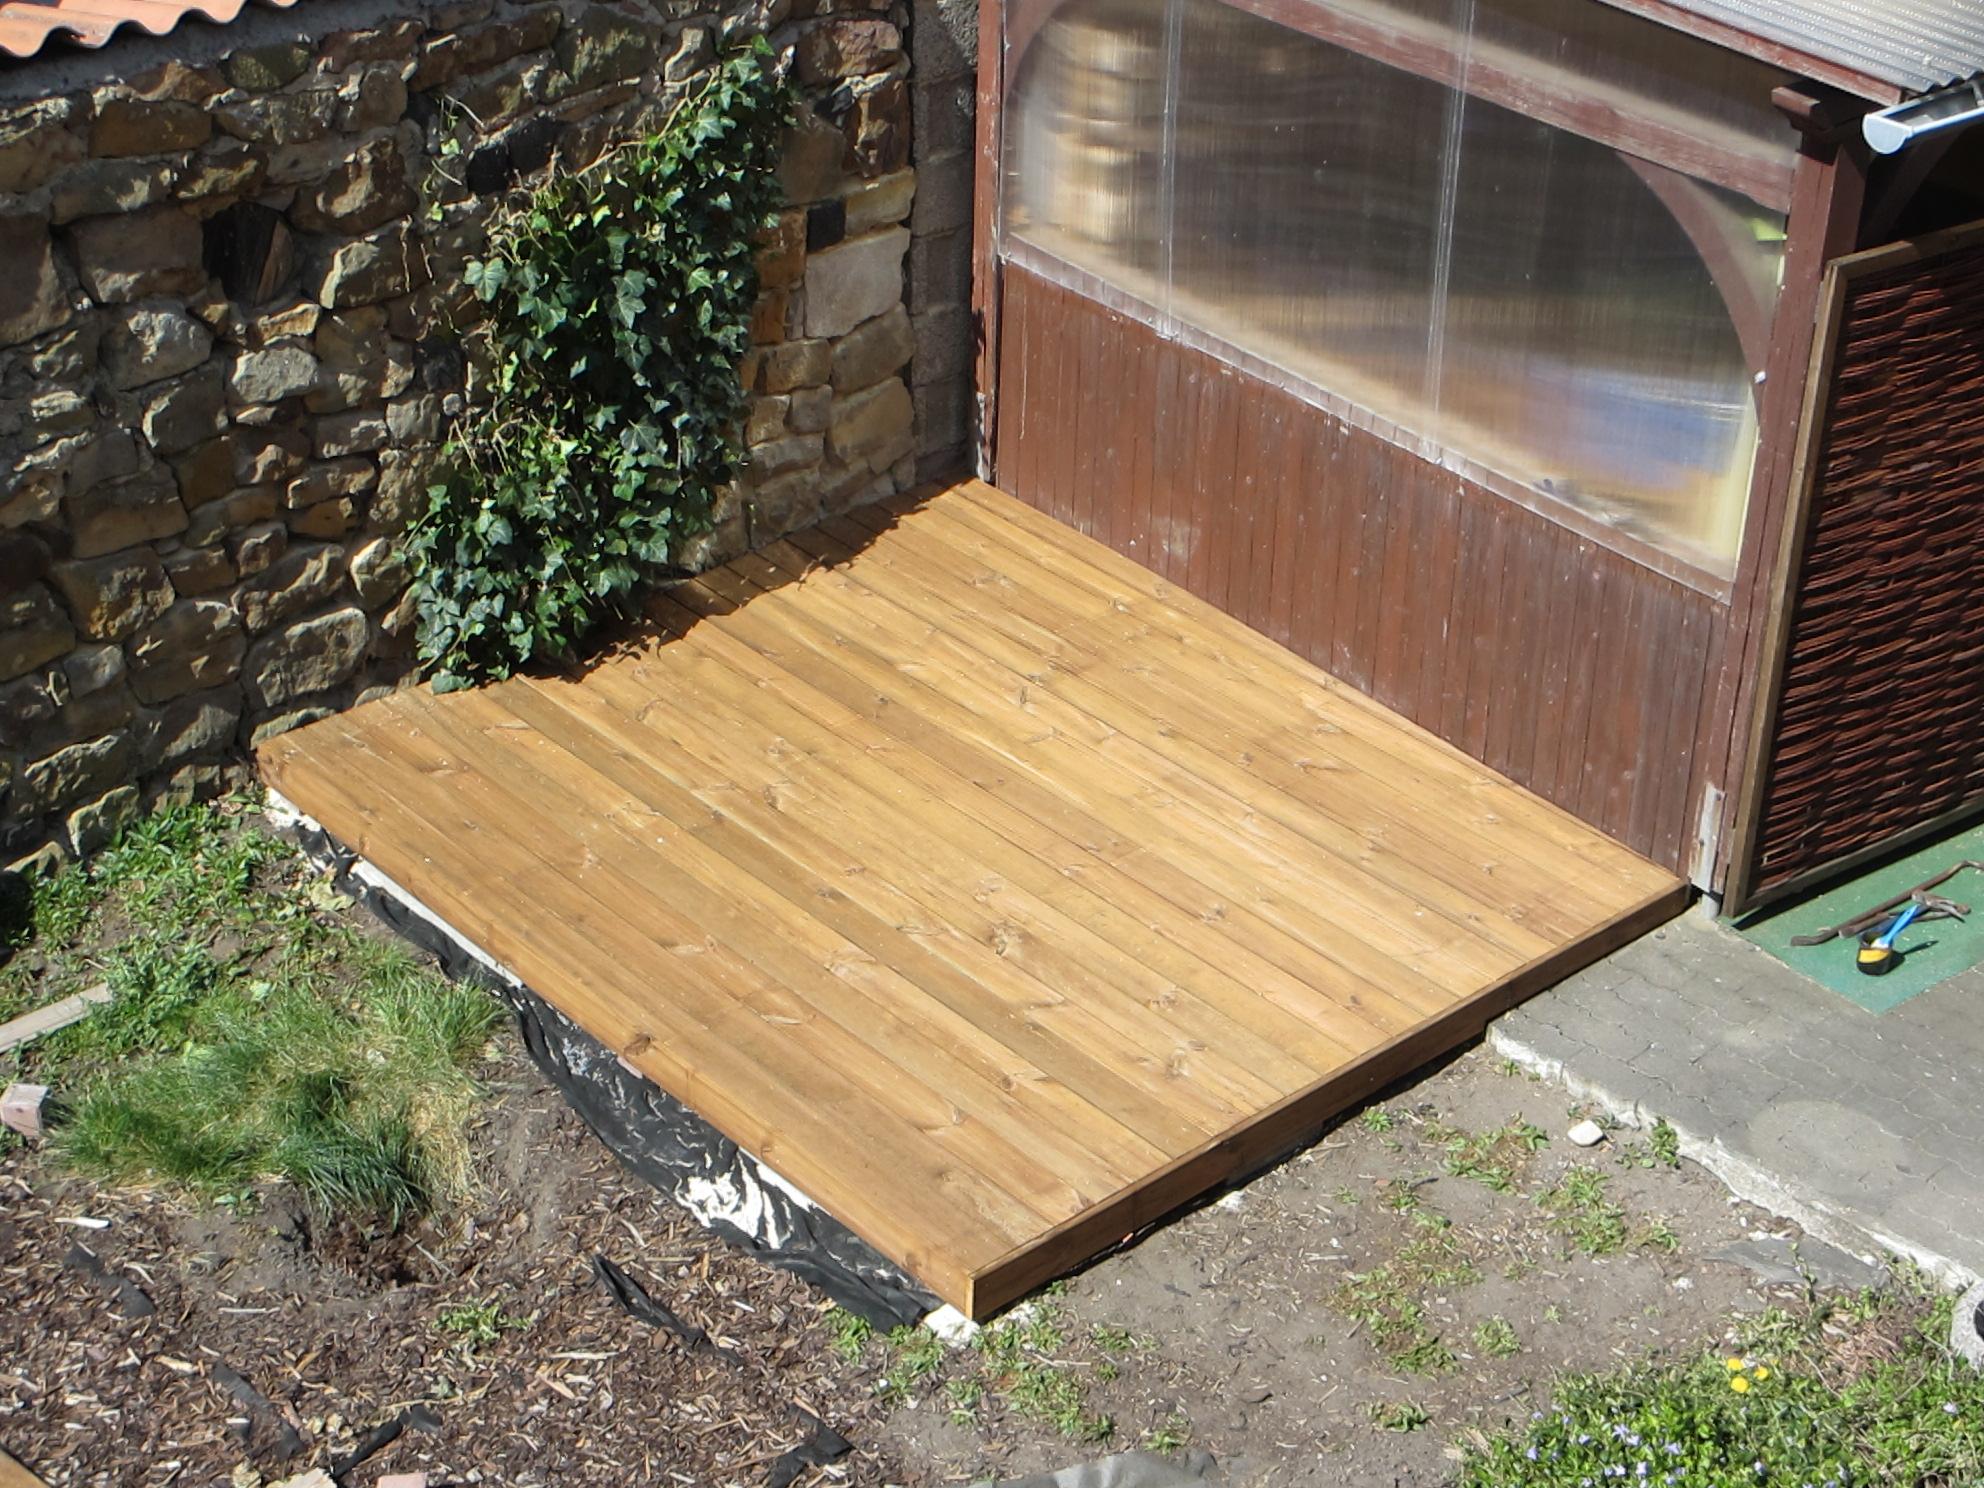 terrassendielen welche alternative zu holz gibt es wohn blogger. Black Bedroom Furniture Sets. Home Design Ideas